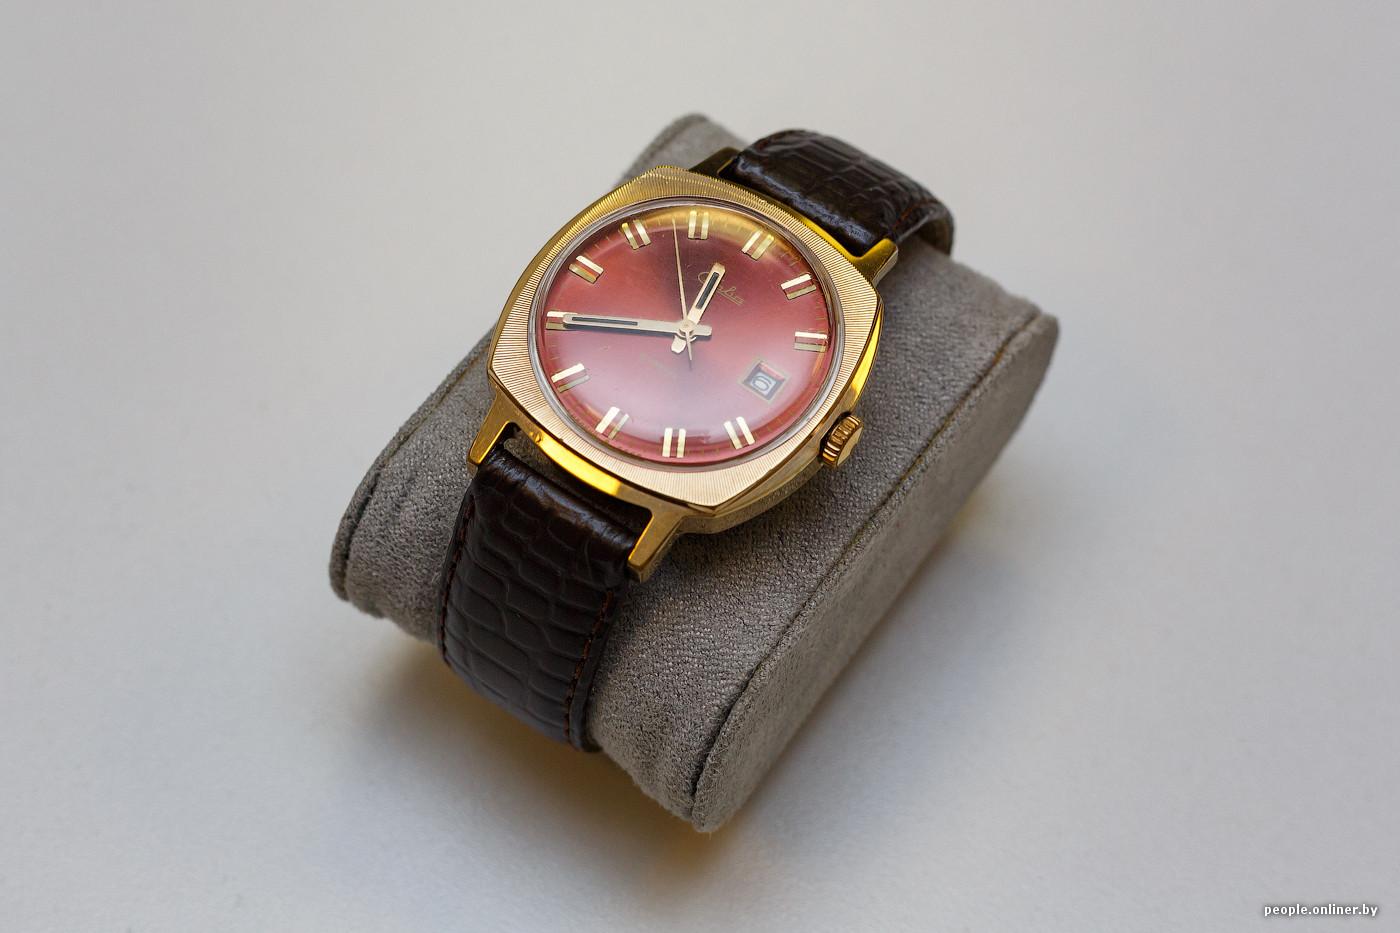 58ebc698 Возможно, вы до сих пор видите объявления с предложением купить часы эпохи  СССР. Вряд ли это ценители ретро — скорее обыкновенные скупщики  драгметаллов: ...